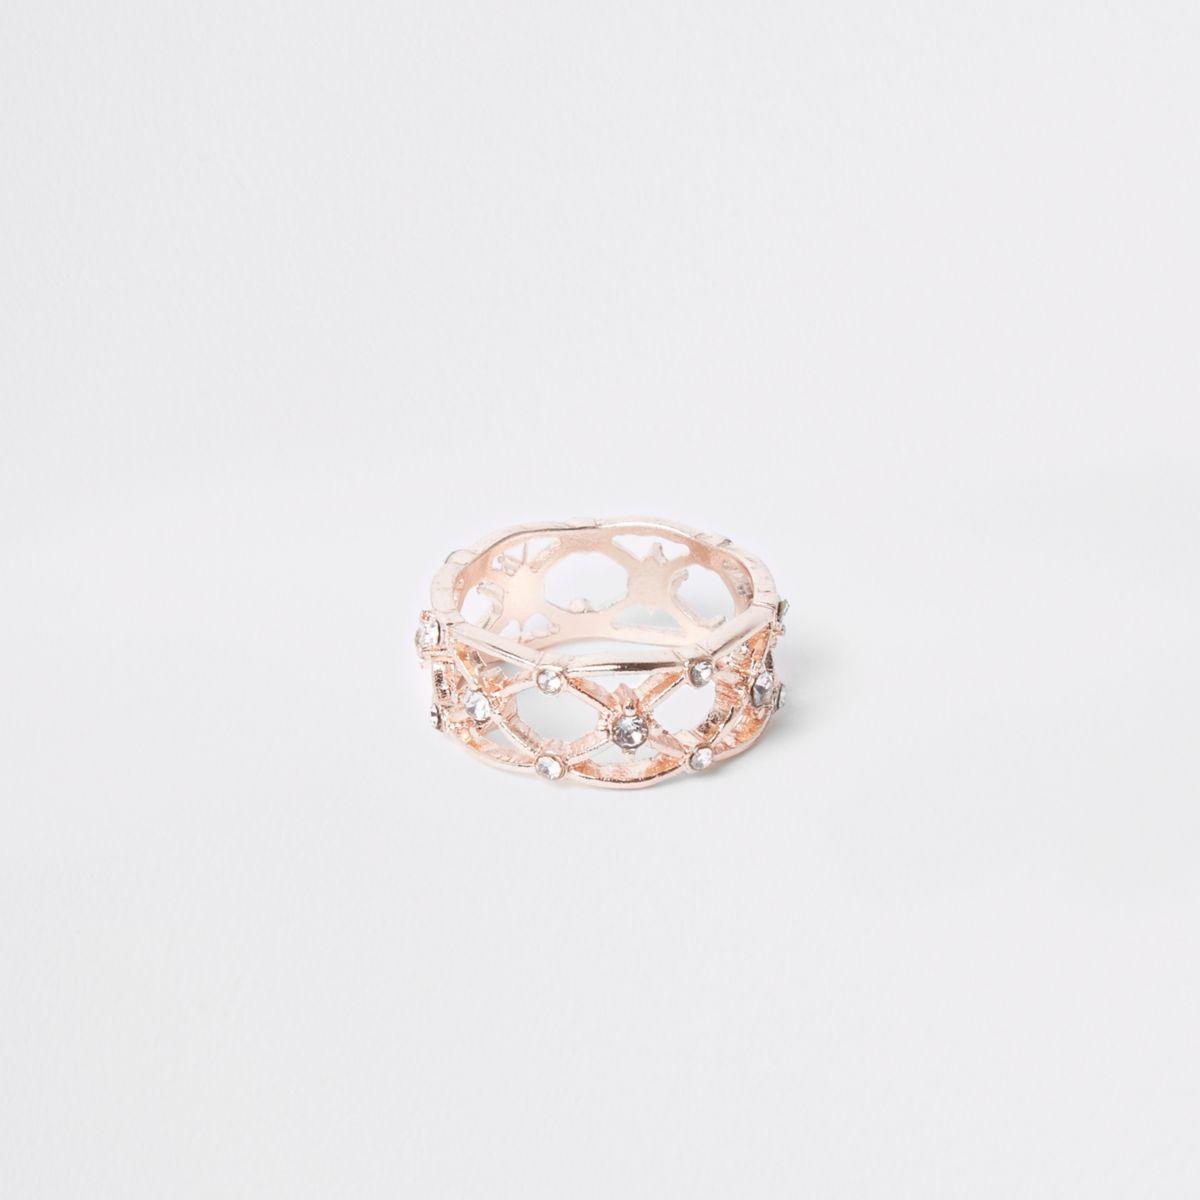 Rose gold tone diamante lattice ring